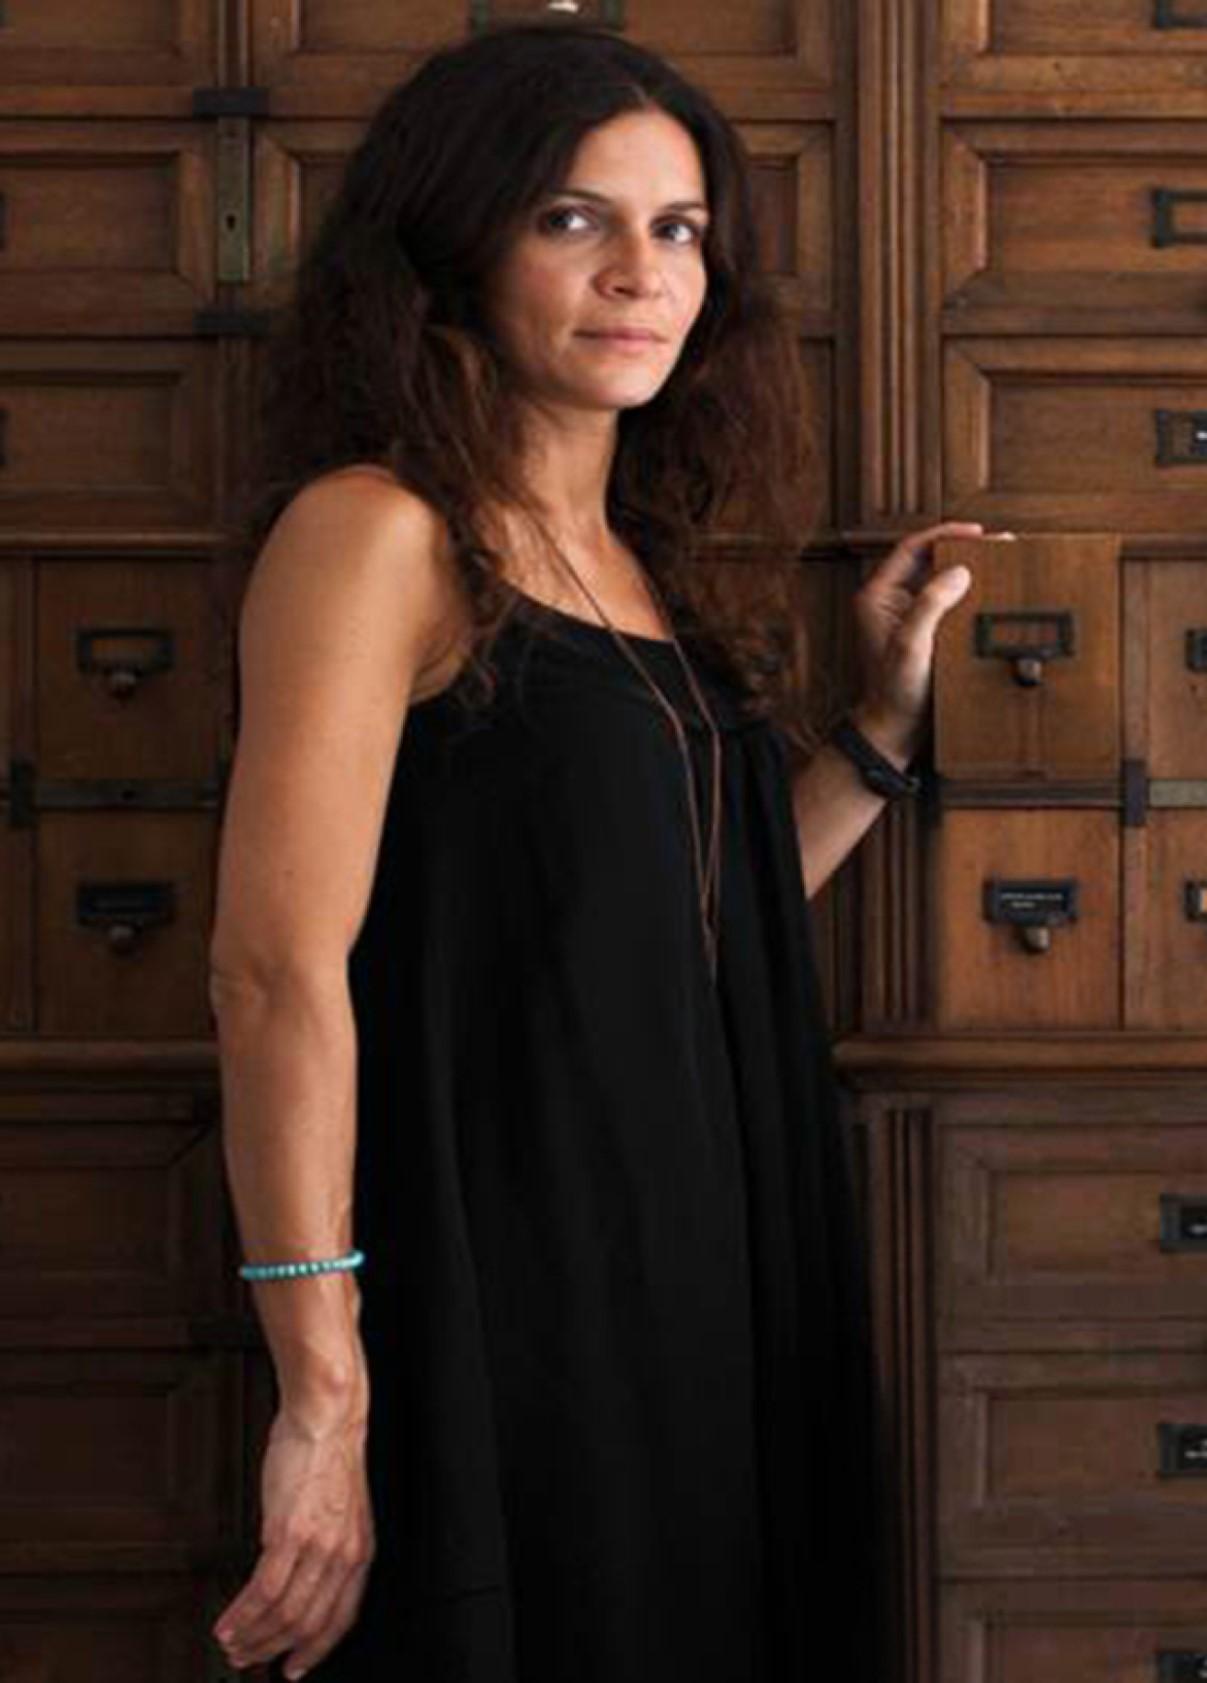 lutto moda italiana morta giorgia martone 41 anni